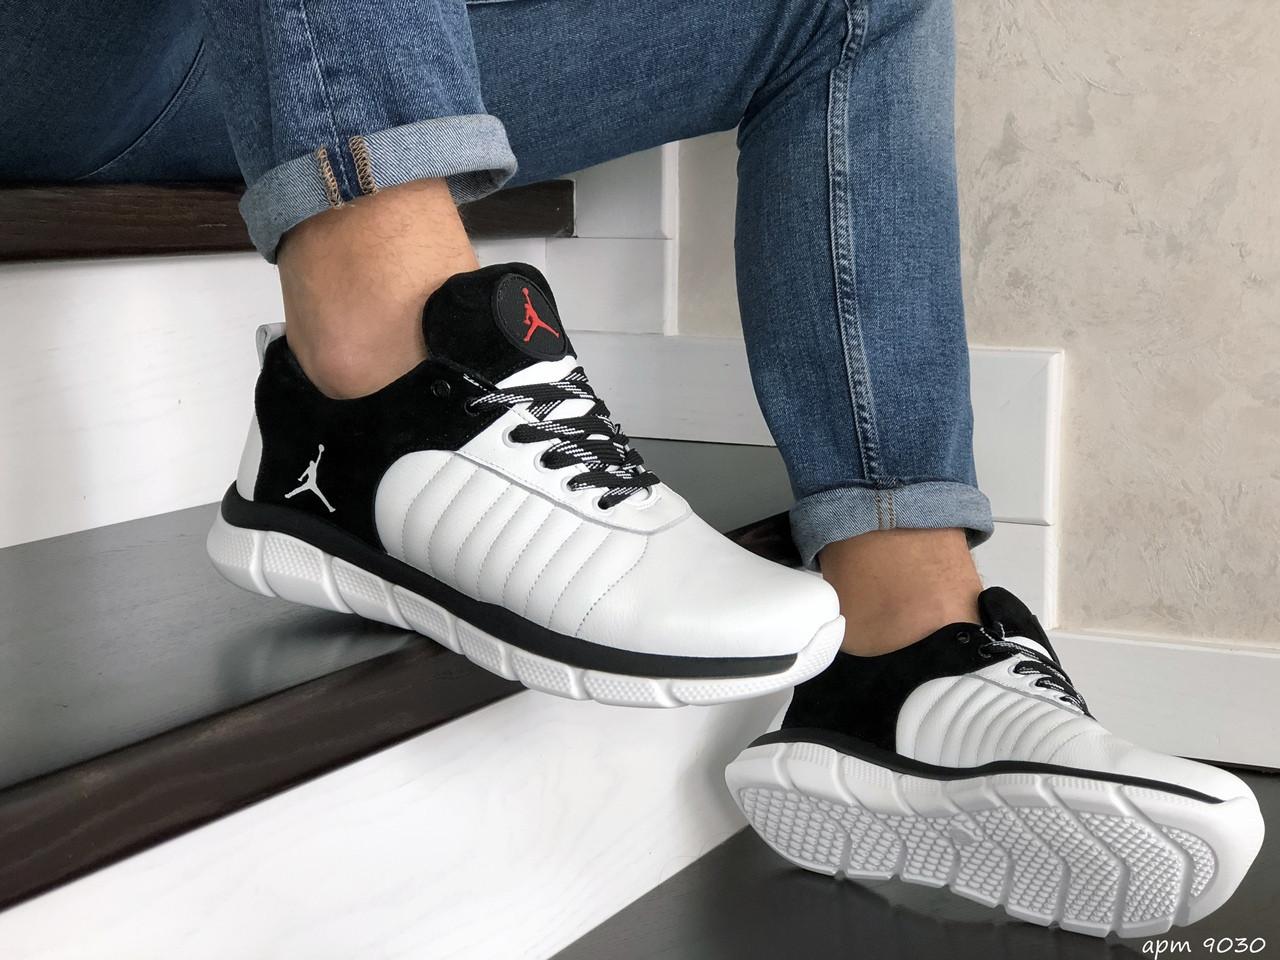 Мужские кроссовки Nike Air Jordan (бело-черные) 9030